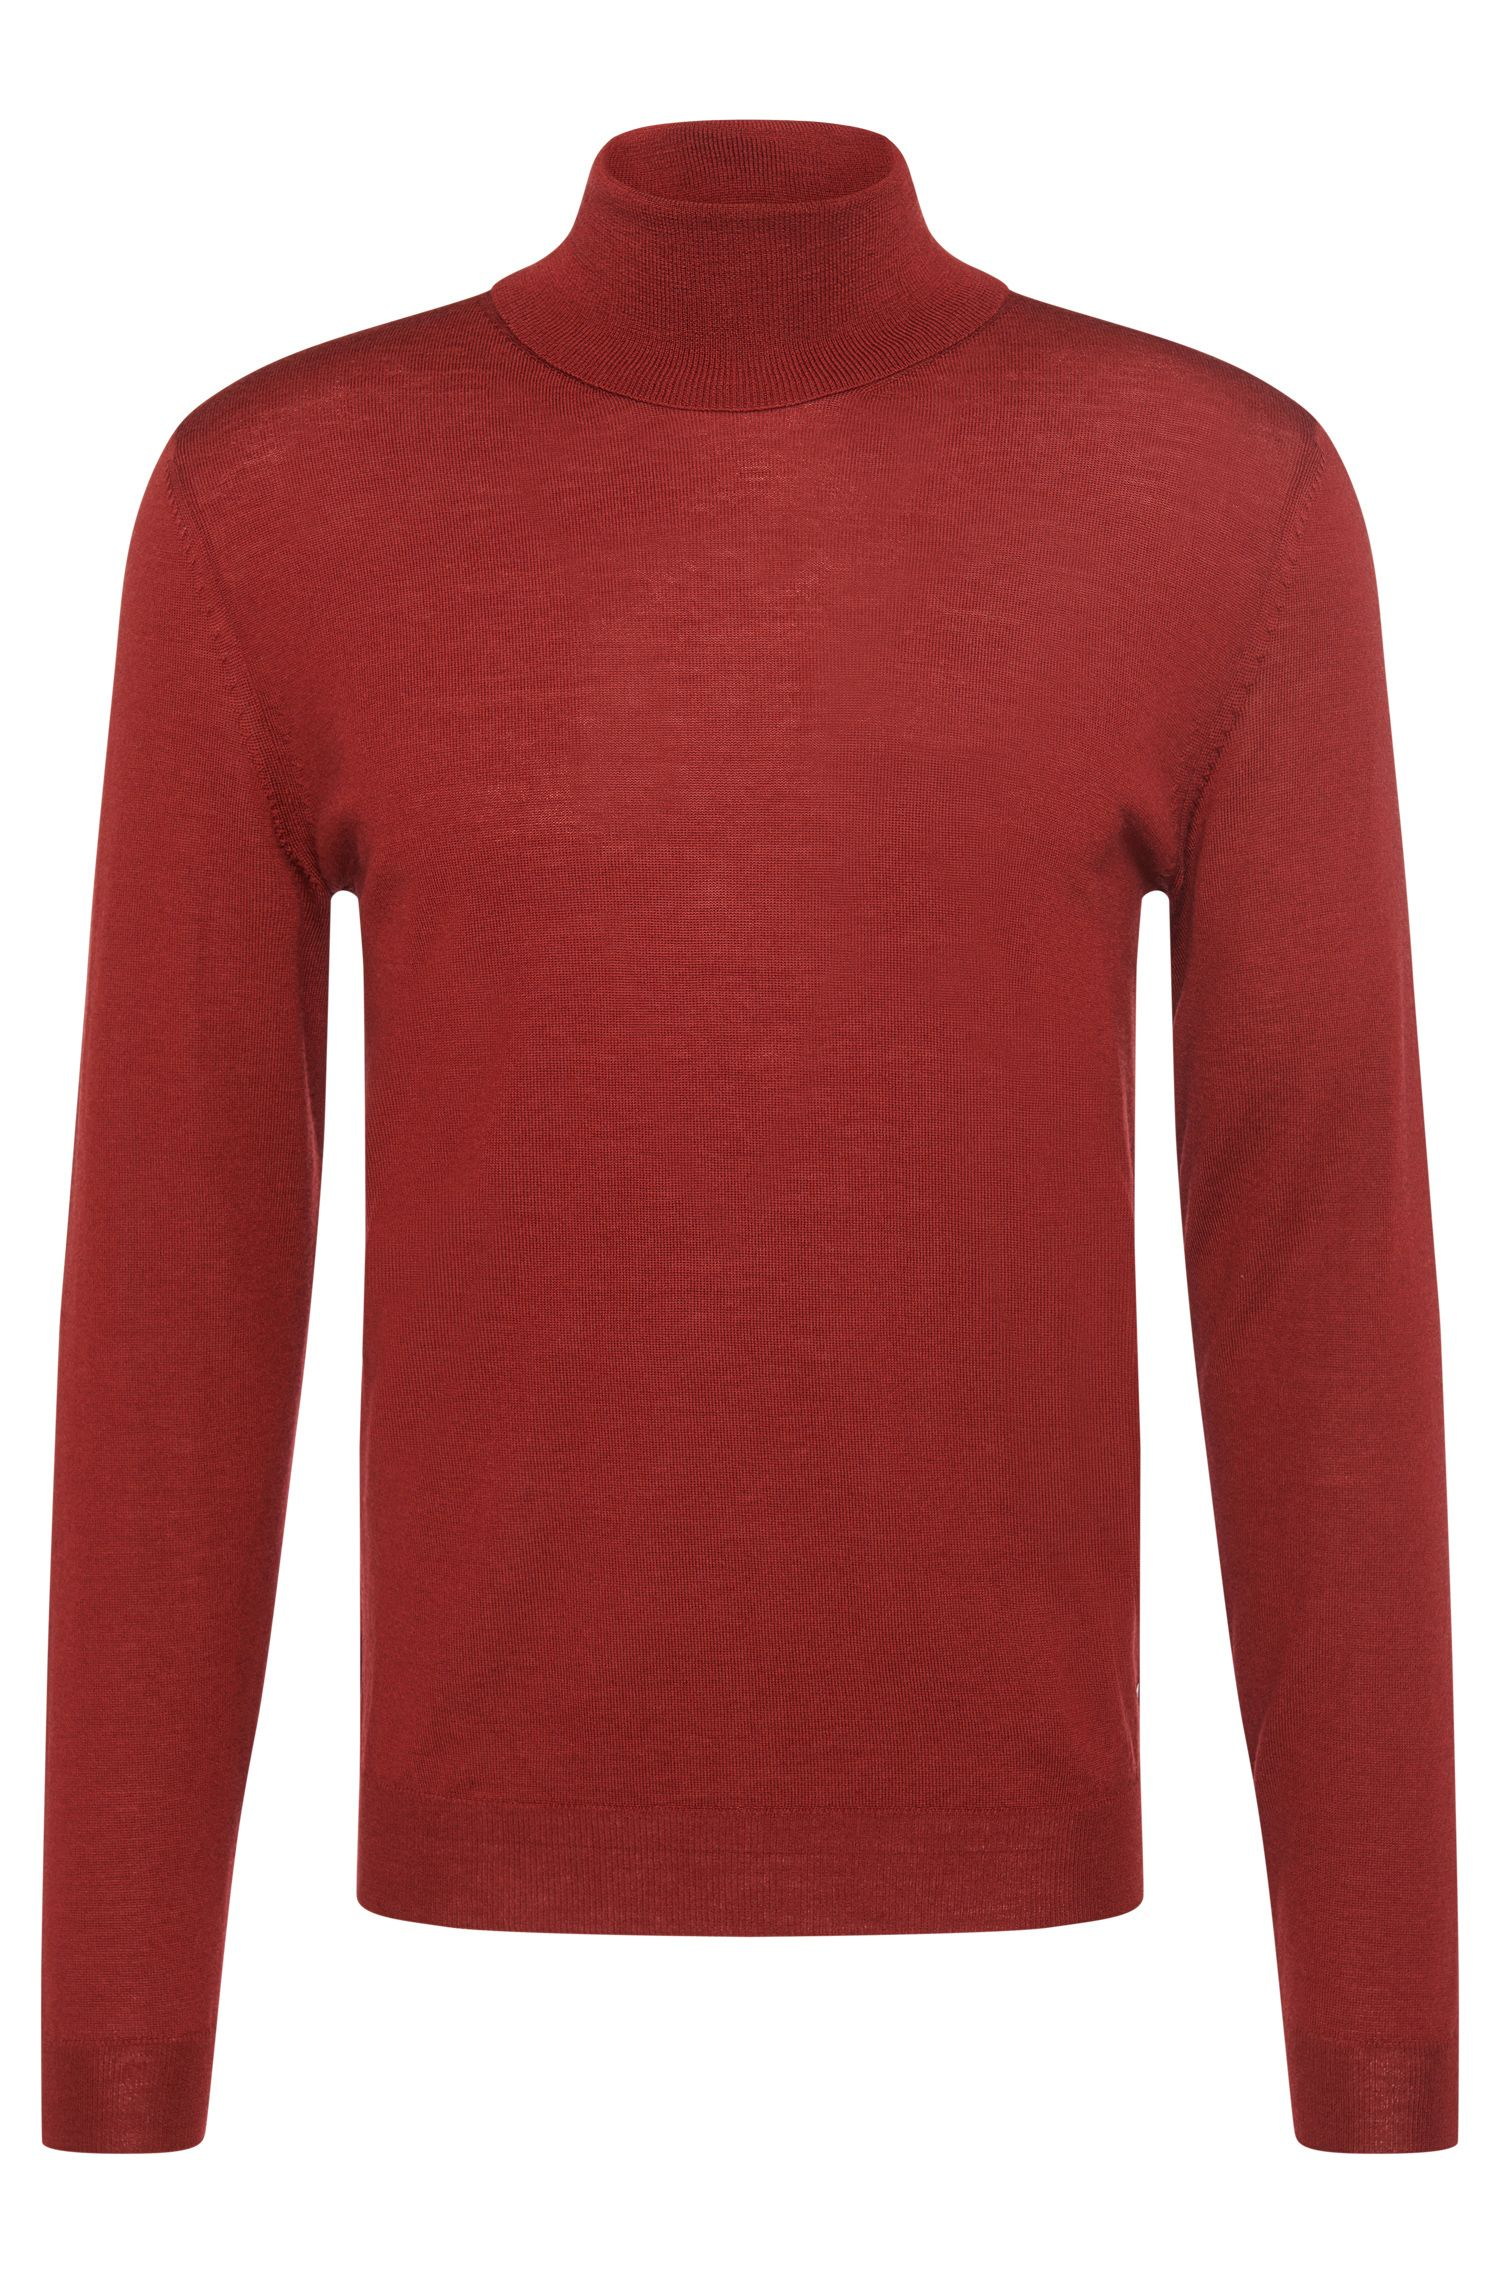 'Musso-B' | Virgin Wool Turtleneck Sweater